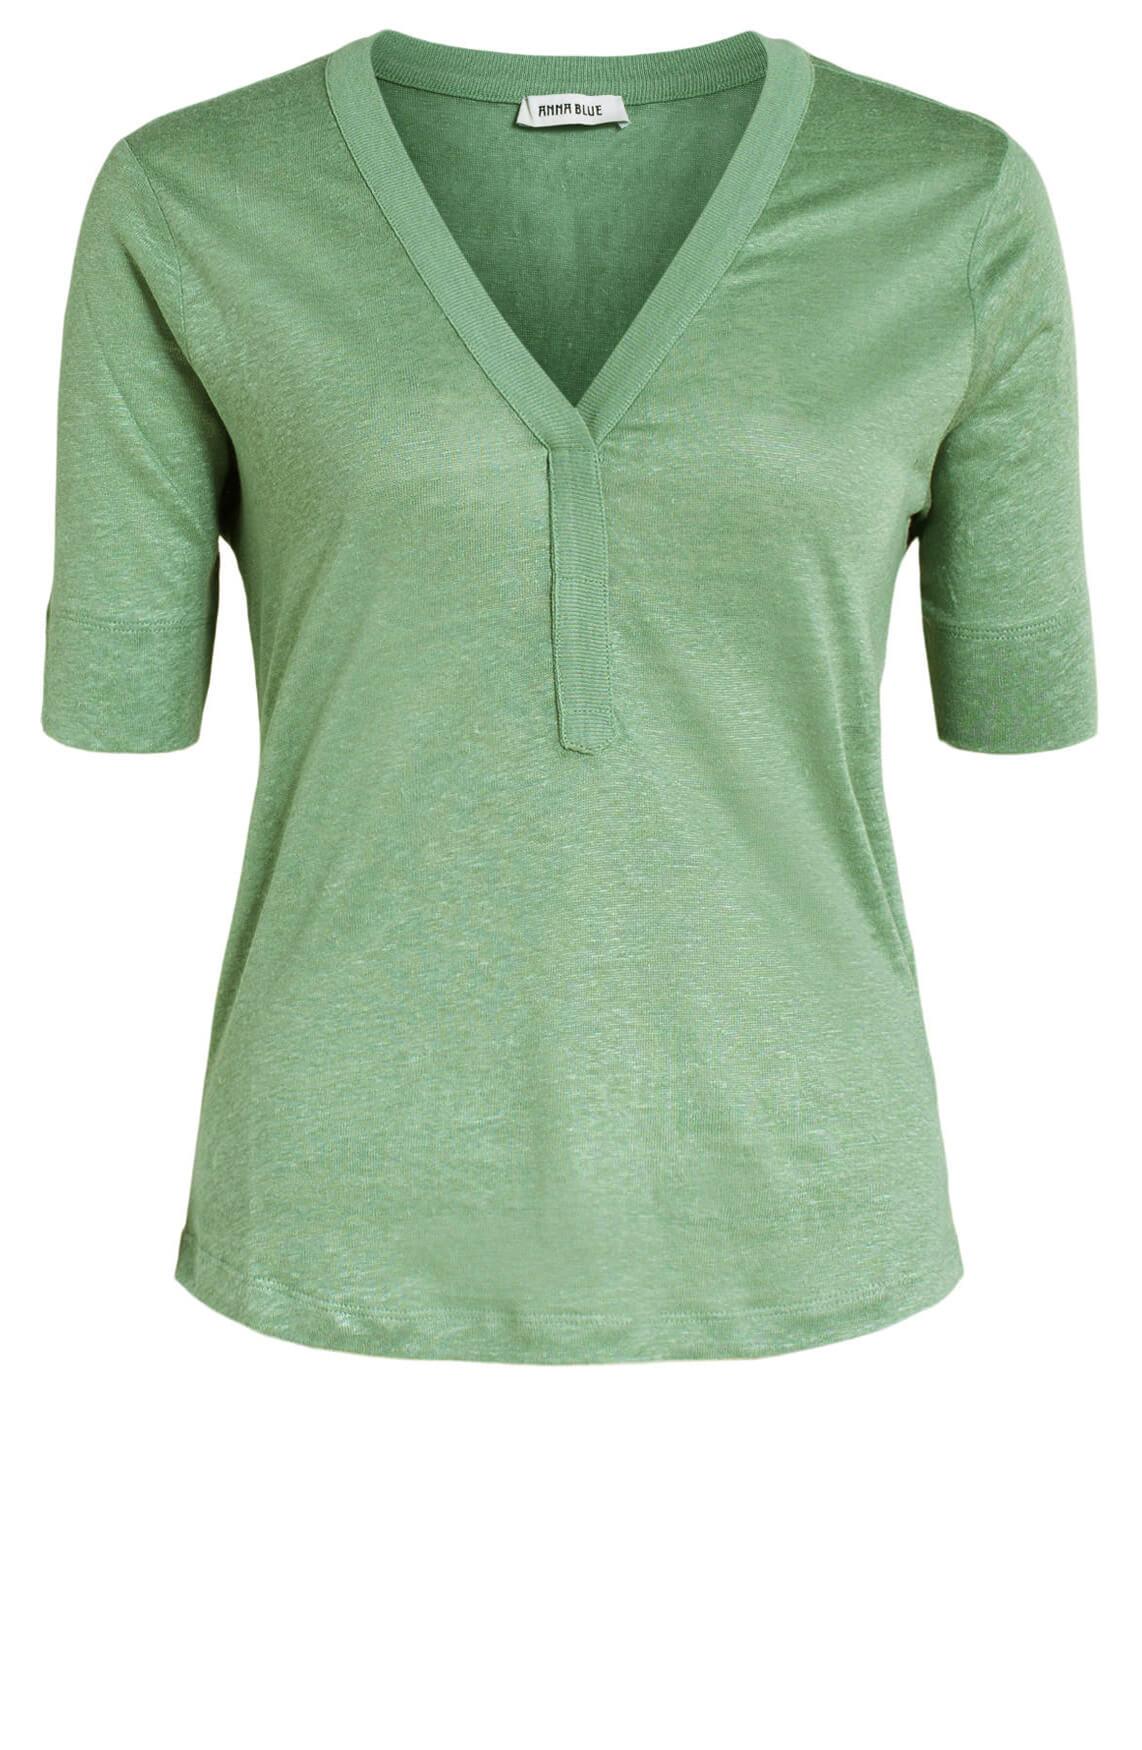 Anna Blue Dames Linnen shirt met V-hals groen